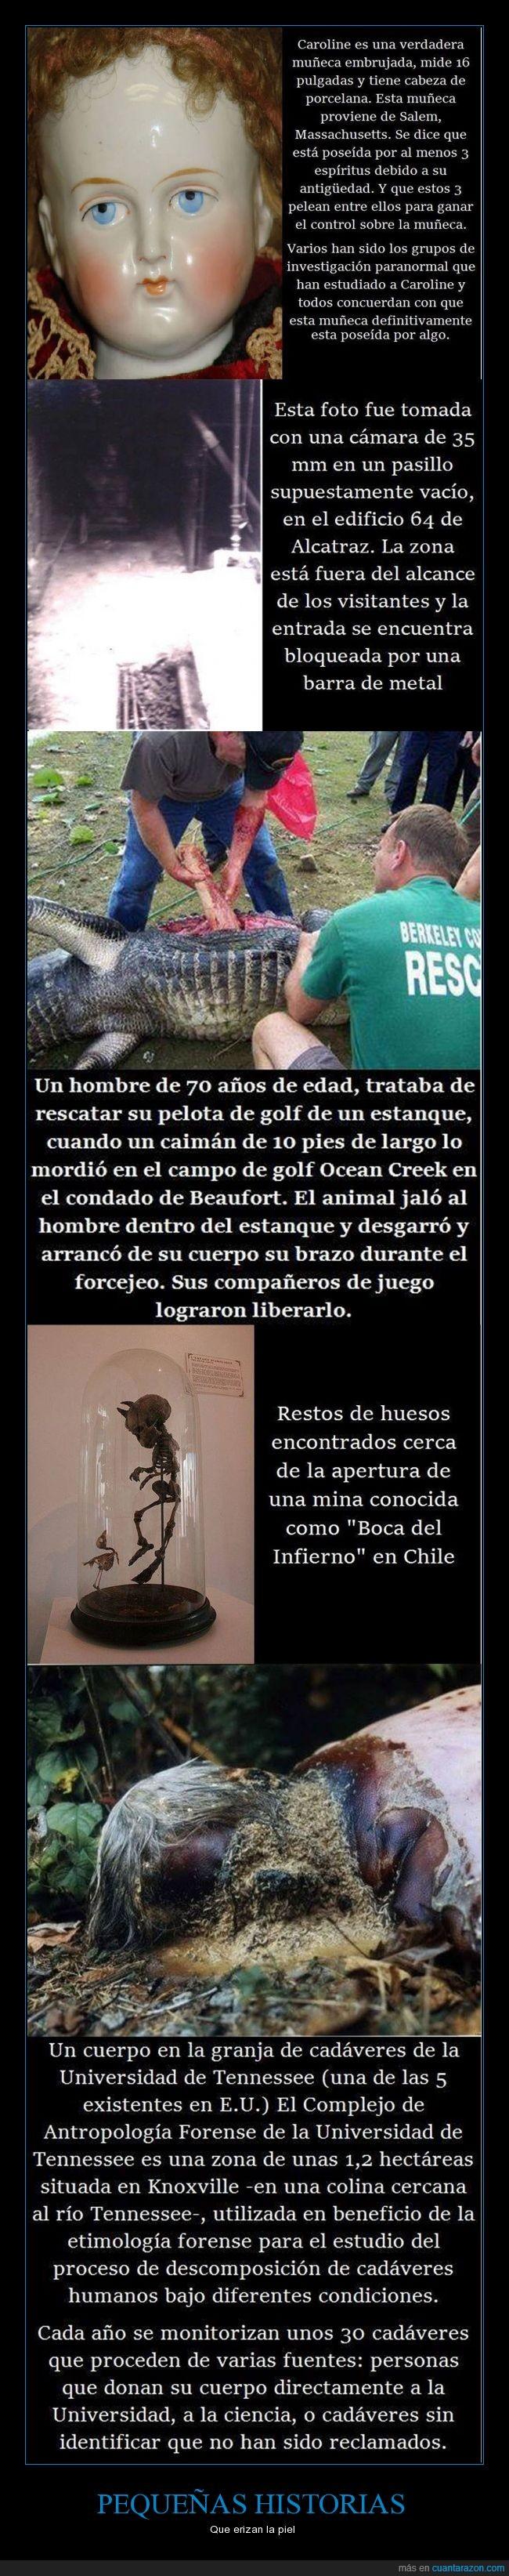 caimán,Chile,criaturas,escalofriante,fantasmas,muñecas,Terror